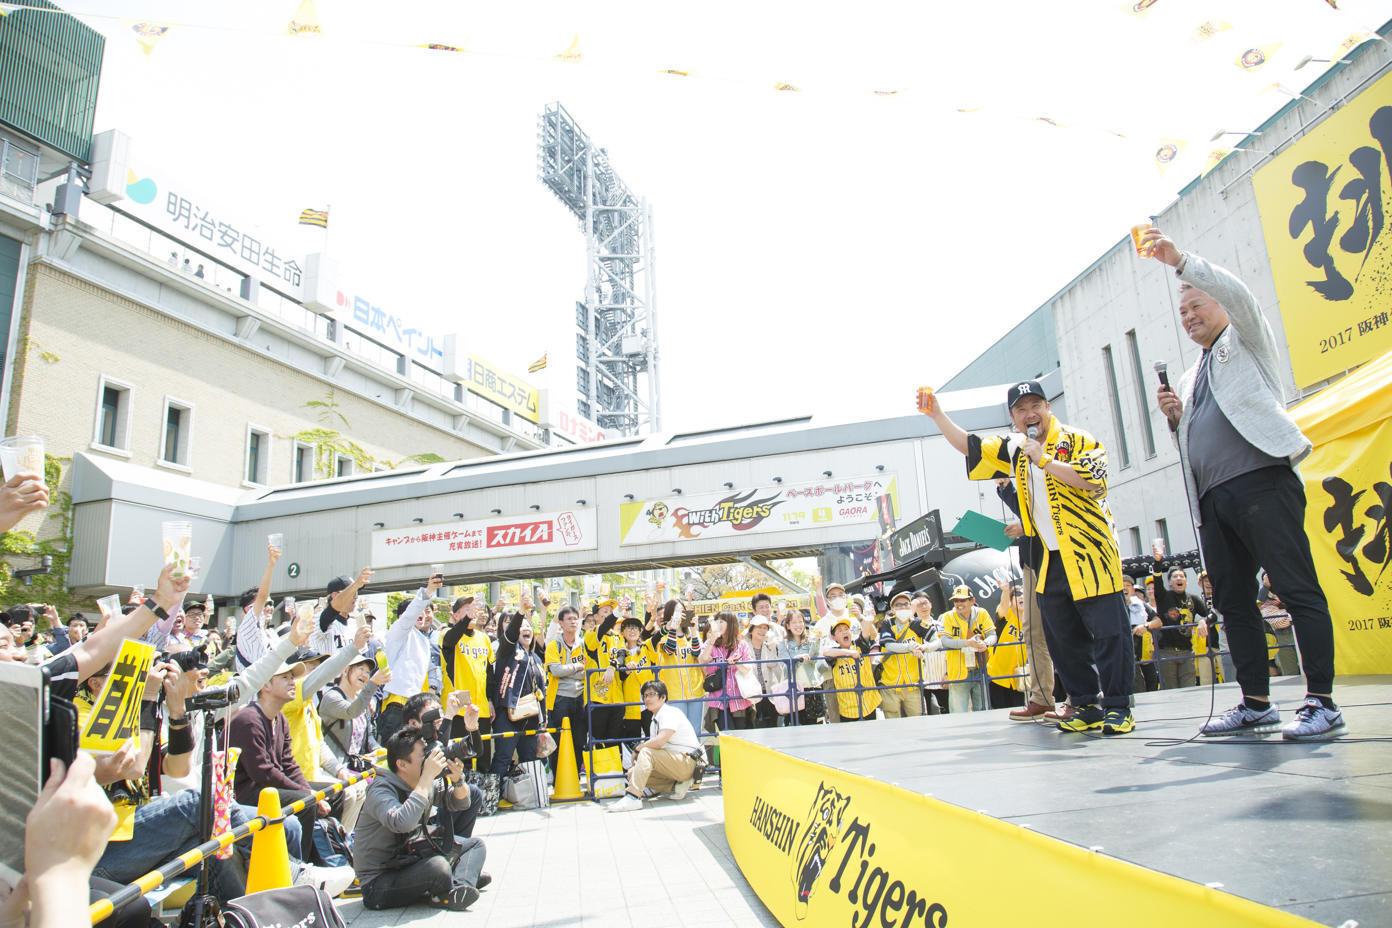 http://news.yoshimoto.co.jp/20170430092430-e47e6c02be25bfbe7a0e11e8fa99a395f1f0544c.jpg